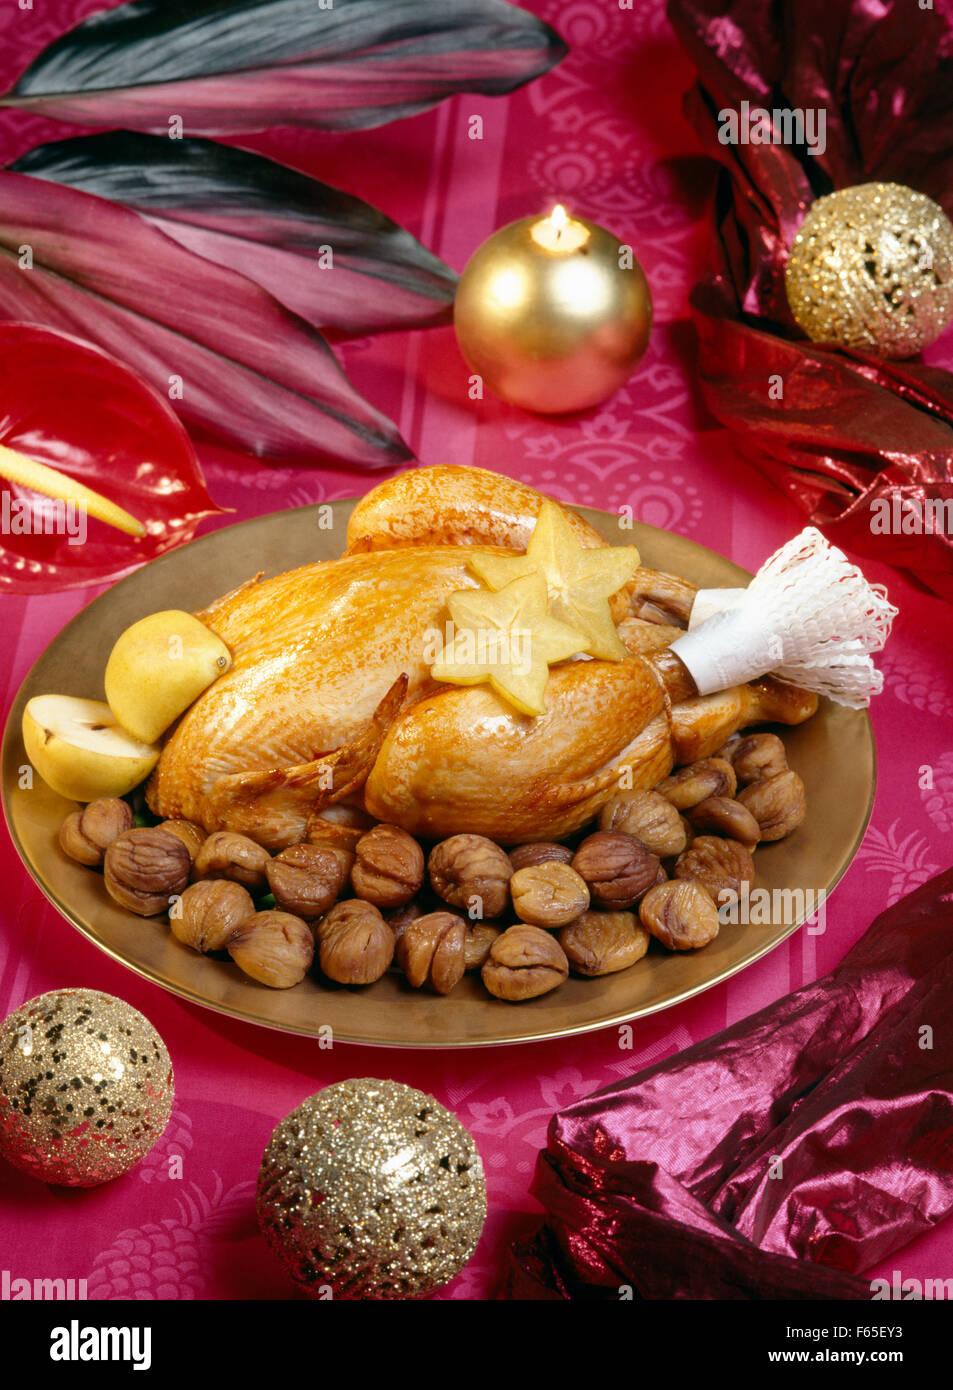 Braten Weihnachten.Weihnachten Braten Kapaun Mit Kastanien Stockfoto Bild 89861271